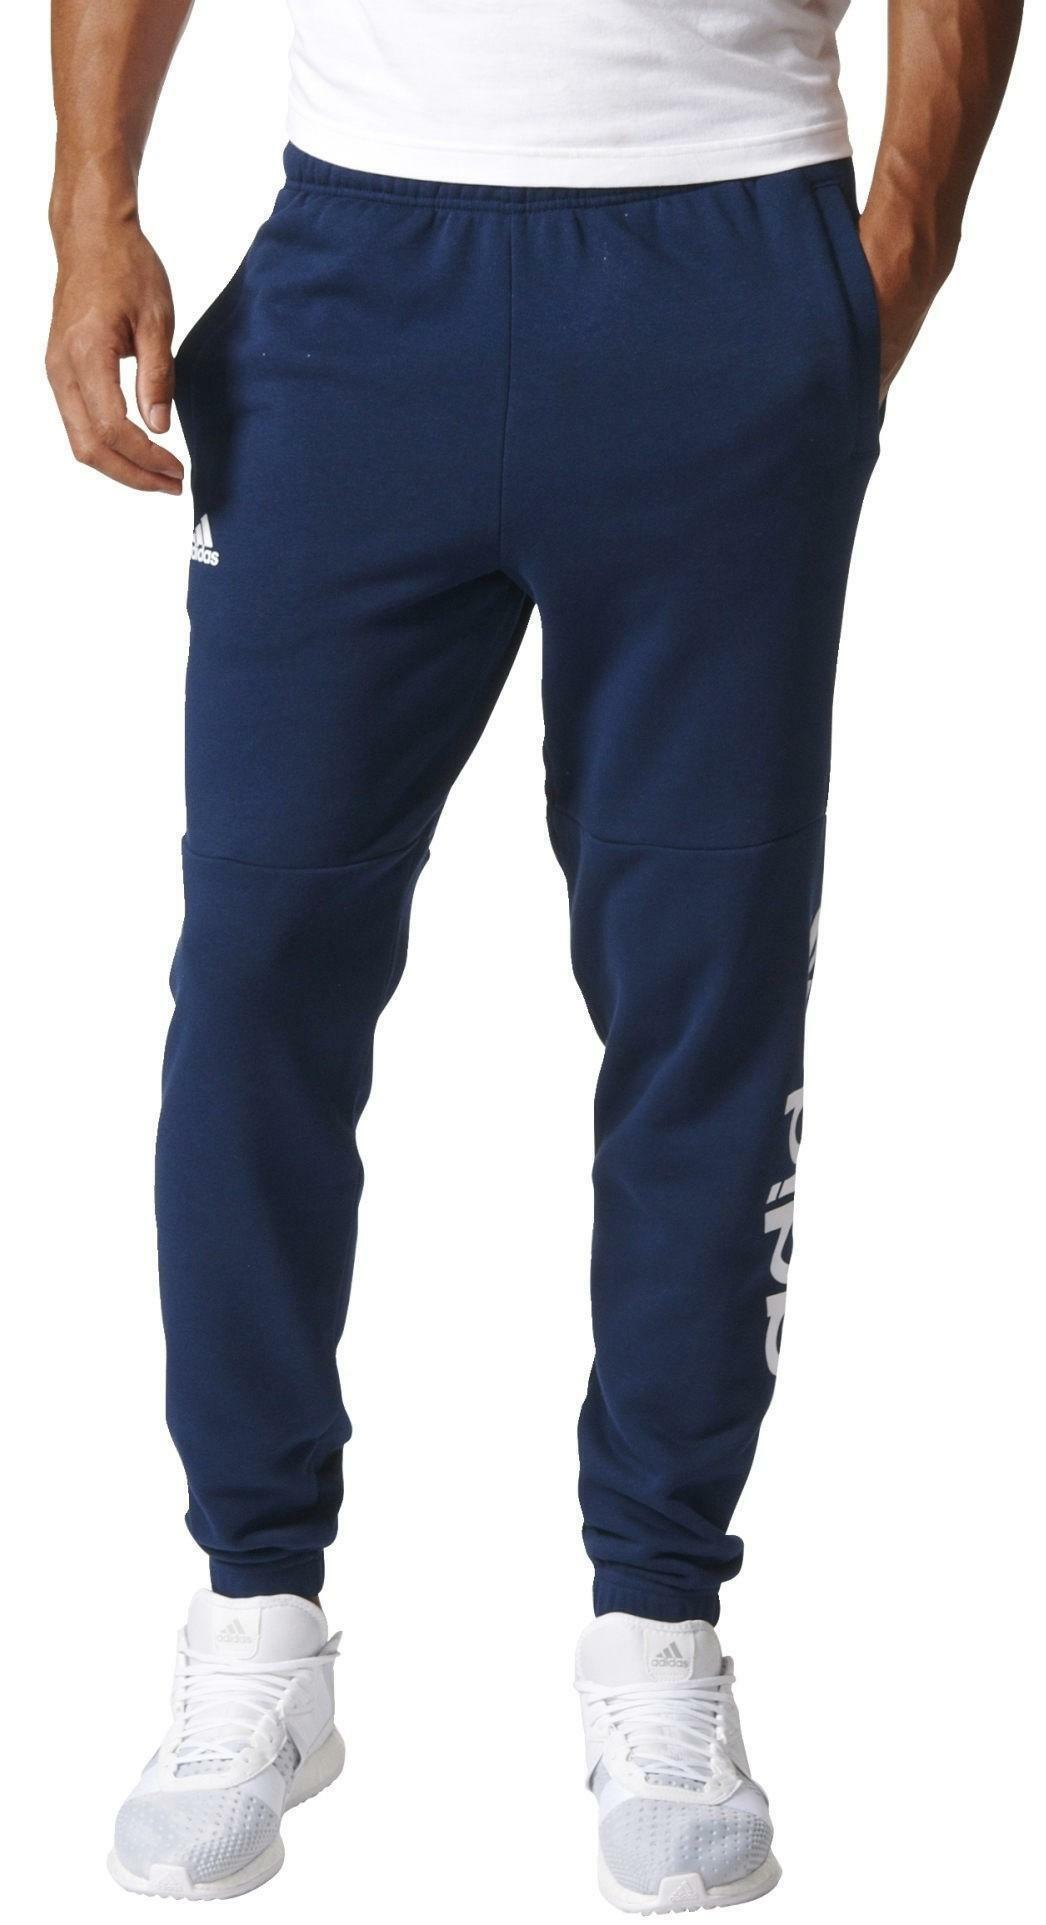 pantaloni uomo cotone adidas